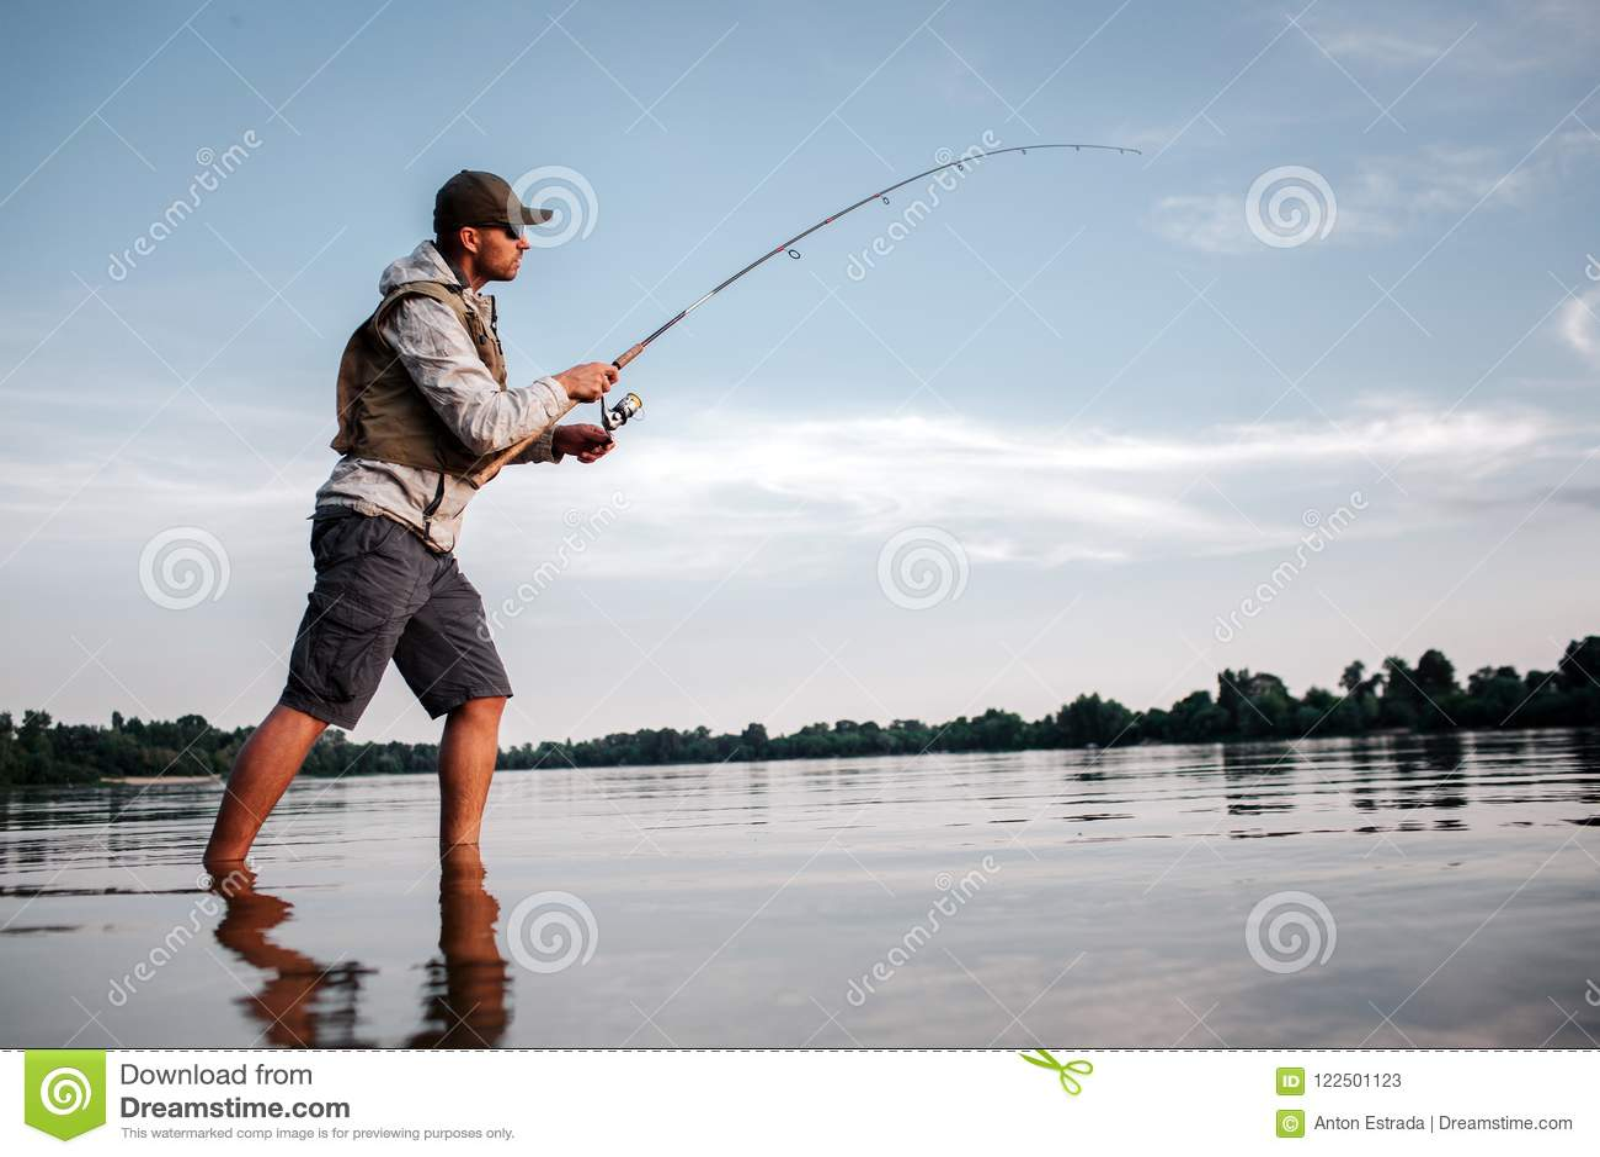 L uomo attivo sta stando in basso e nella pesca Tiene pilota la barretta in mani L uomo sta torcendo intorno la bobina per fare i